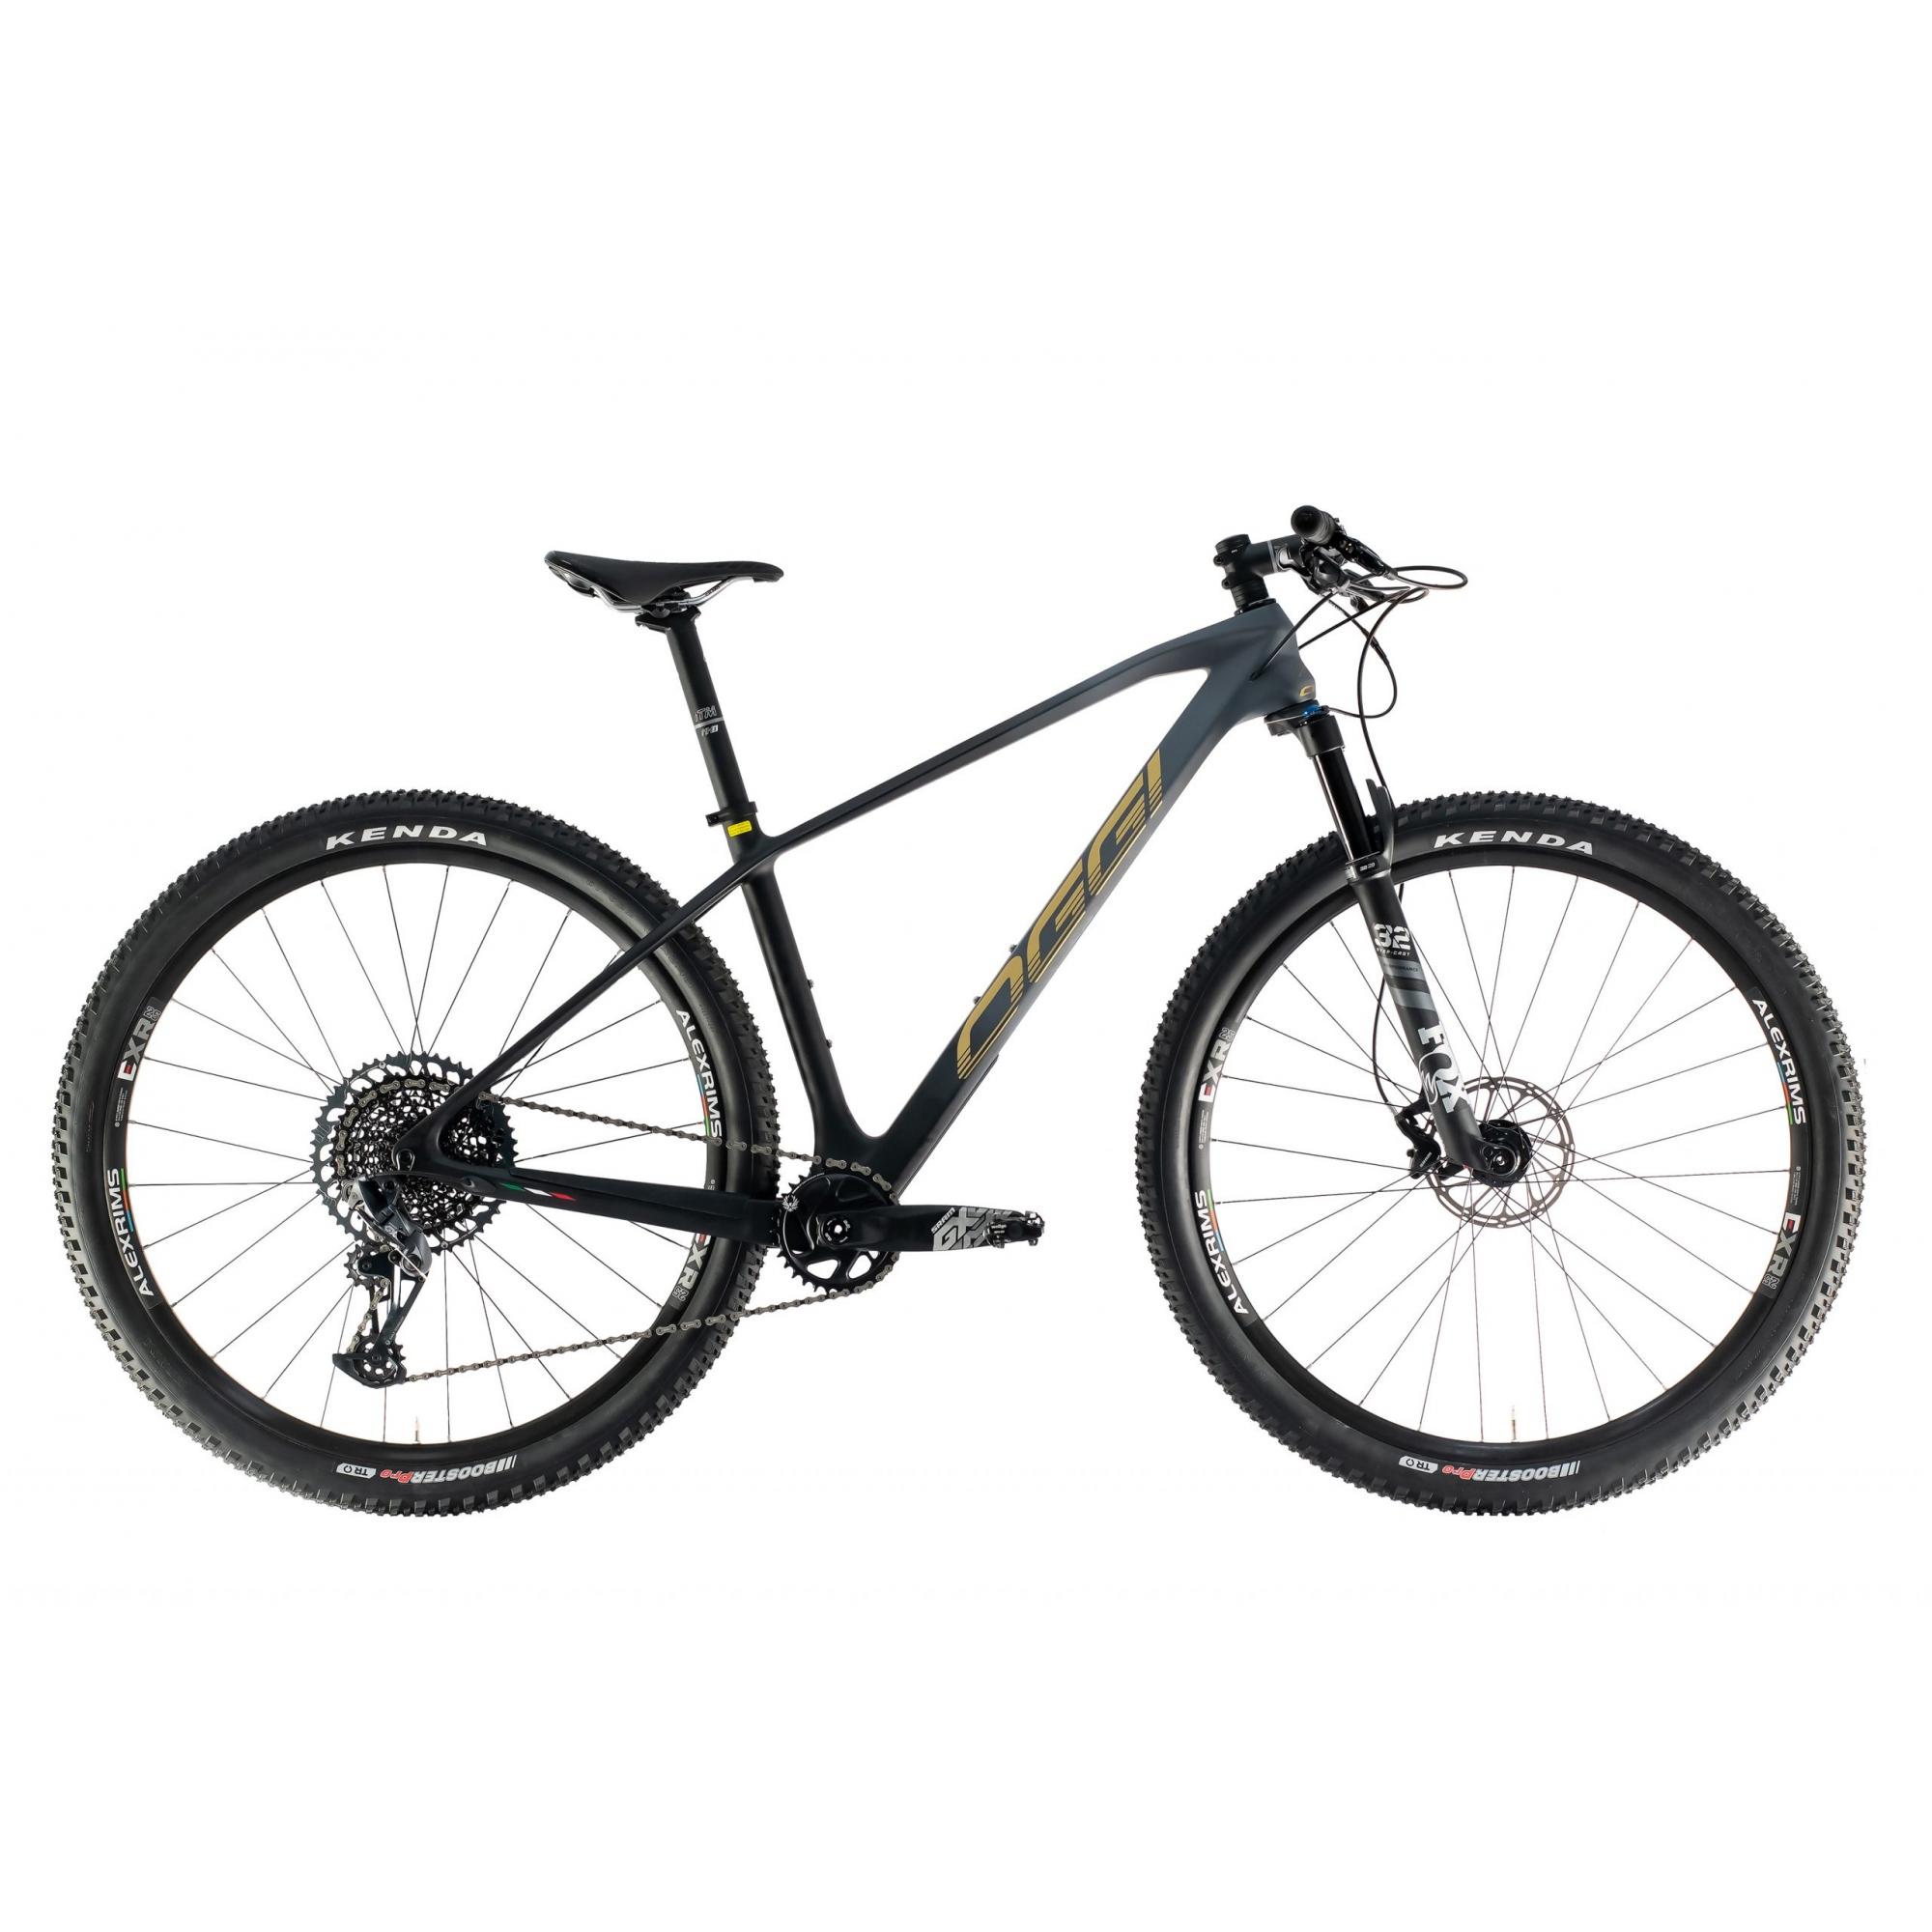 Bicicleta Aro 29 MTB Oggi Agile PRO GX 2021 - Preto / Dourado